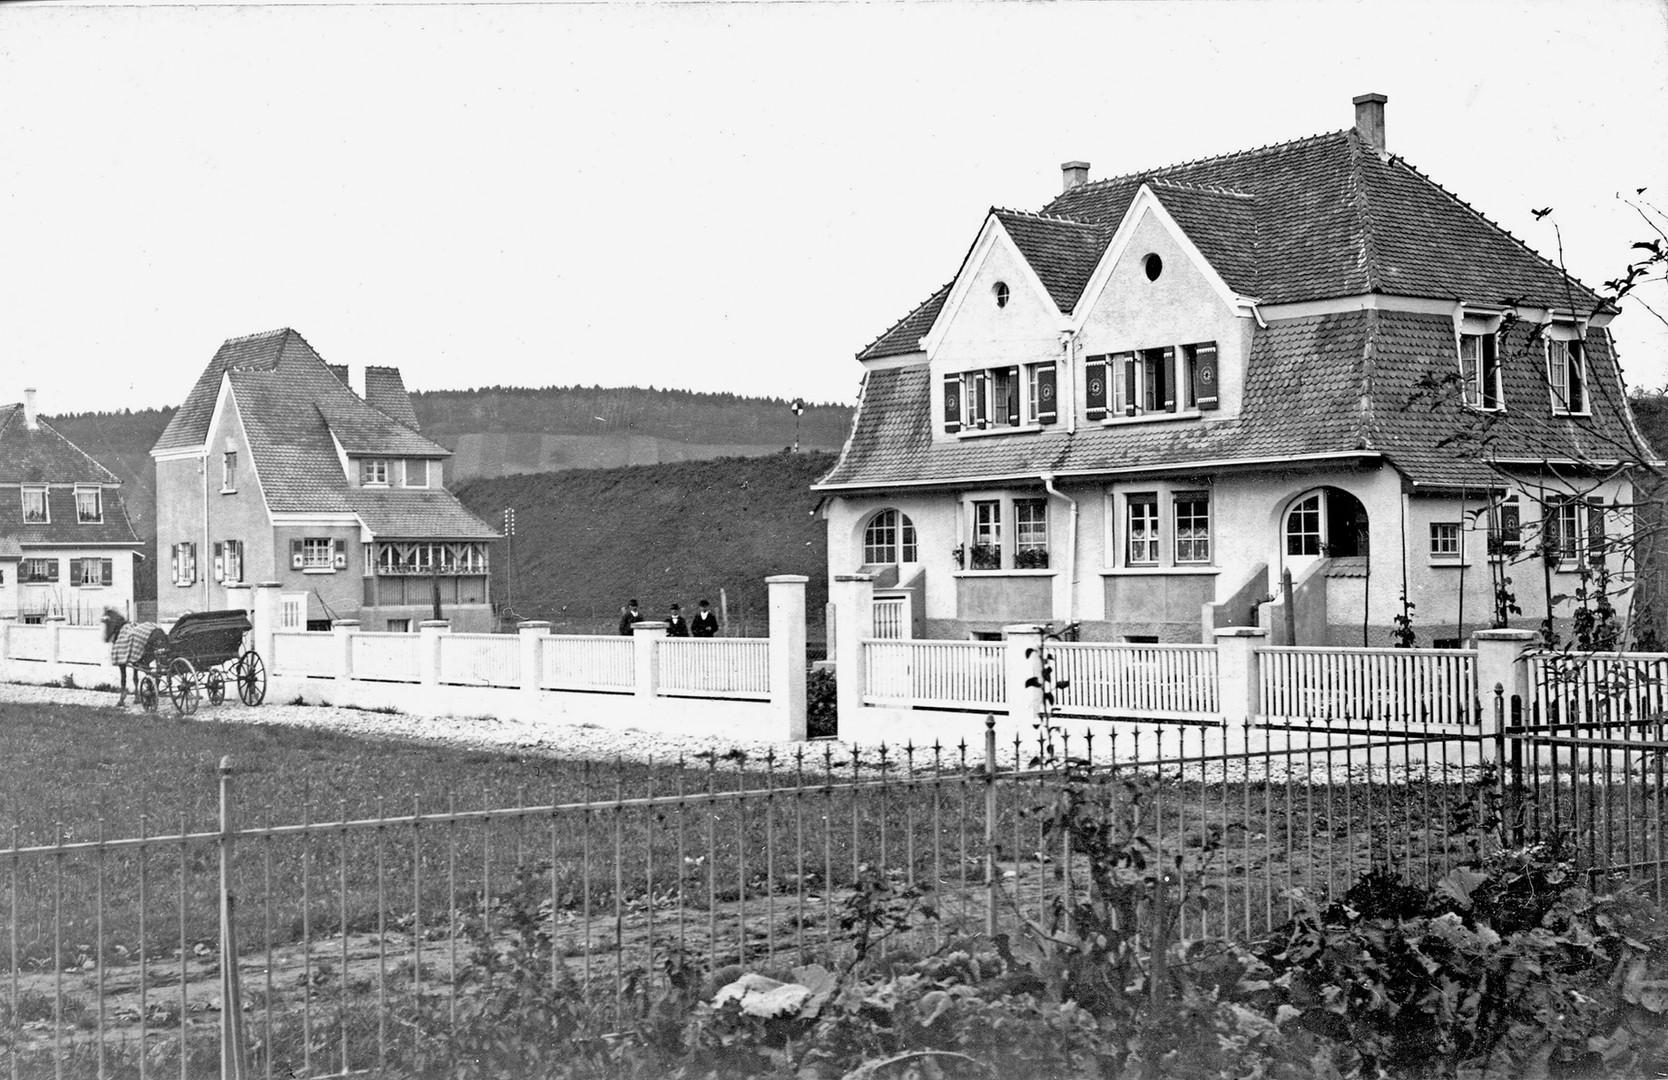 2009-01-14. Foto Archiv EBG St.Gallen. 2